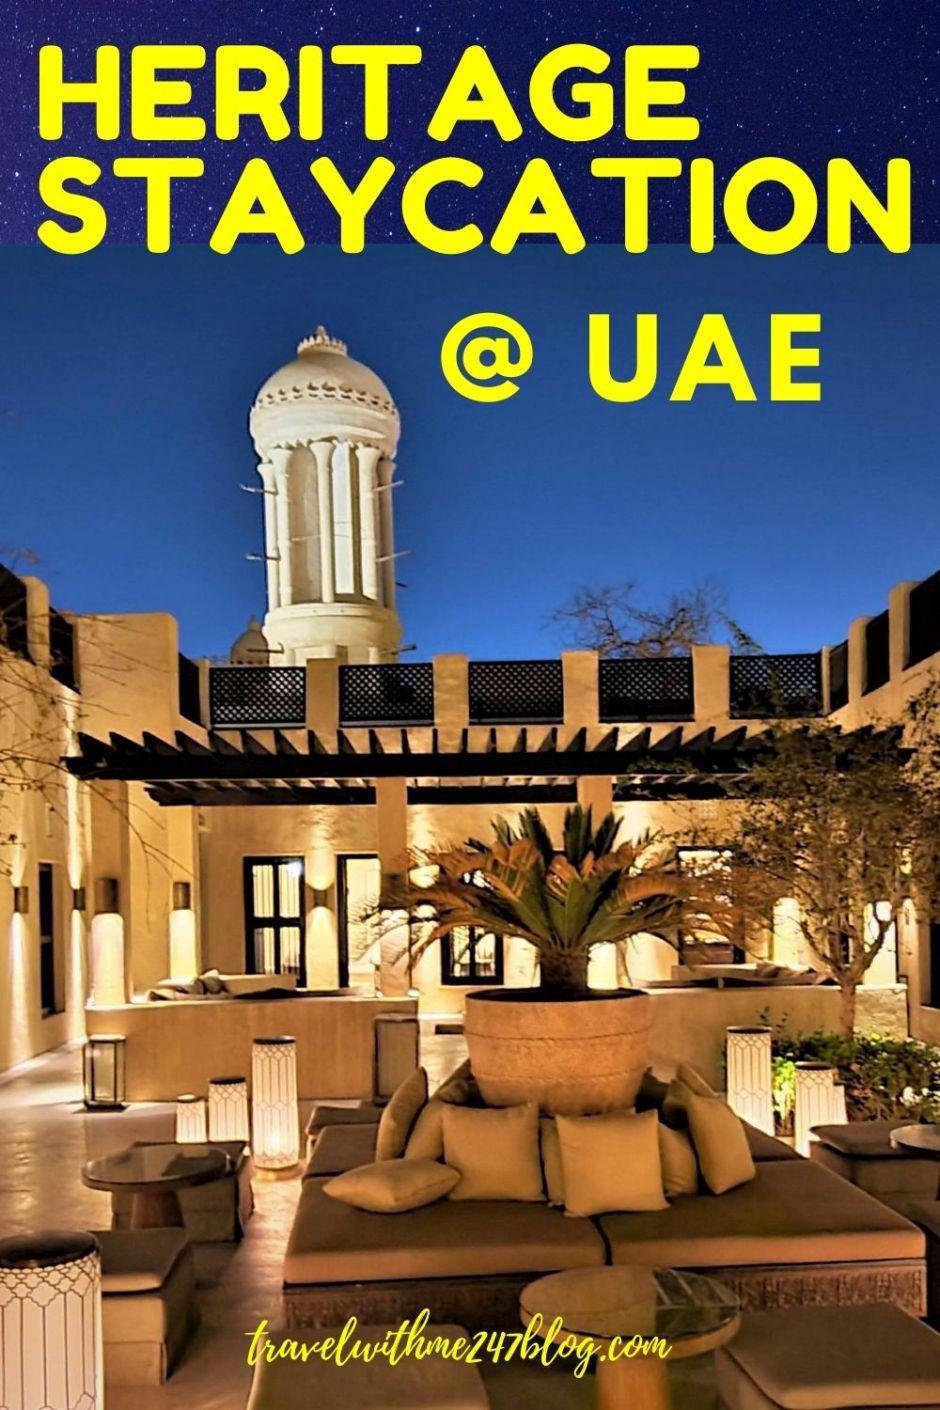 heritage staycation in UAE - Best hotel in Sharjah